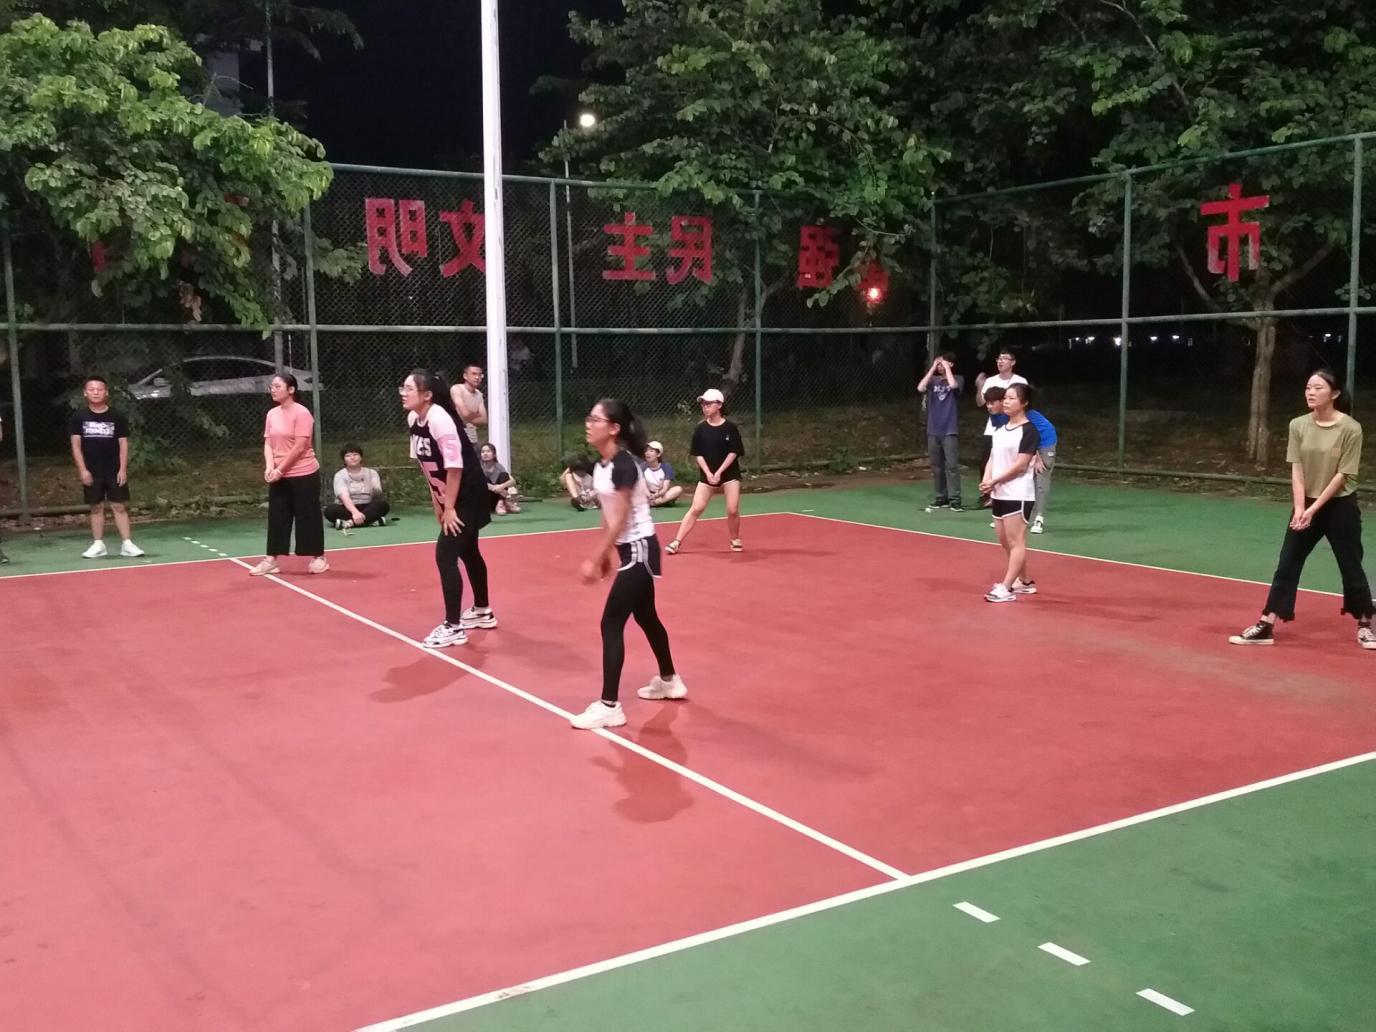 赛出友谊 赛出风采--记法学院男篮女排活动圆满成功